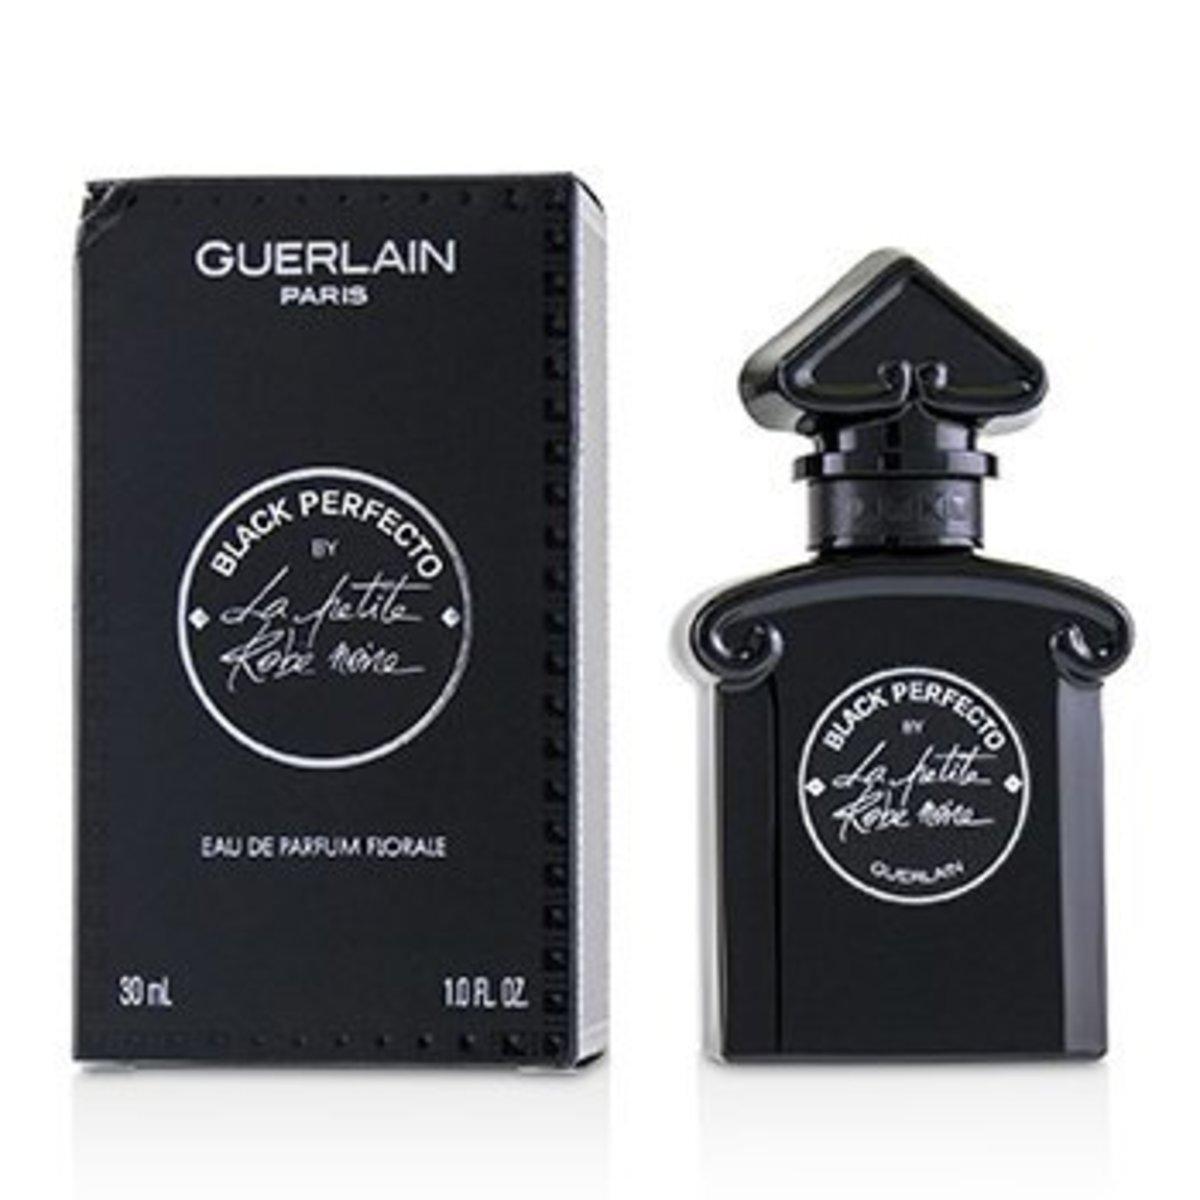 Black Perfecto Eau De Parfum Florale 30ml  [Parallel Import Product]